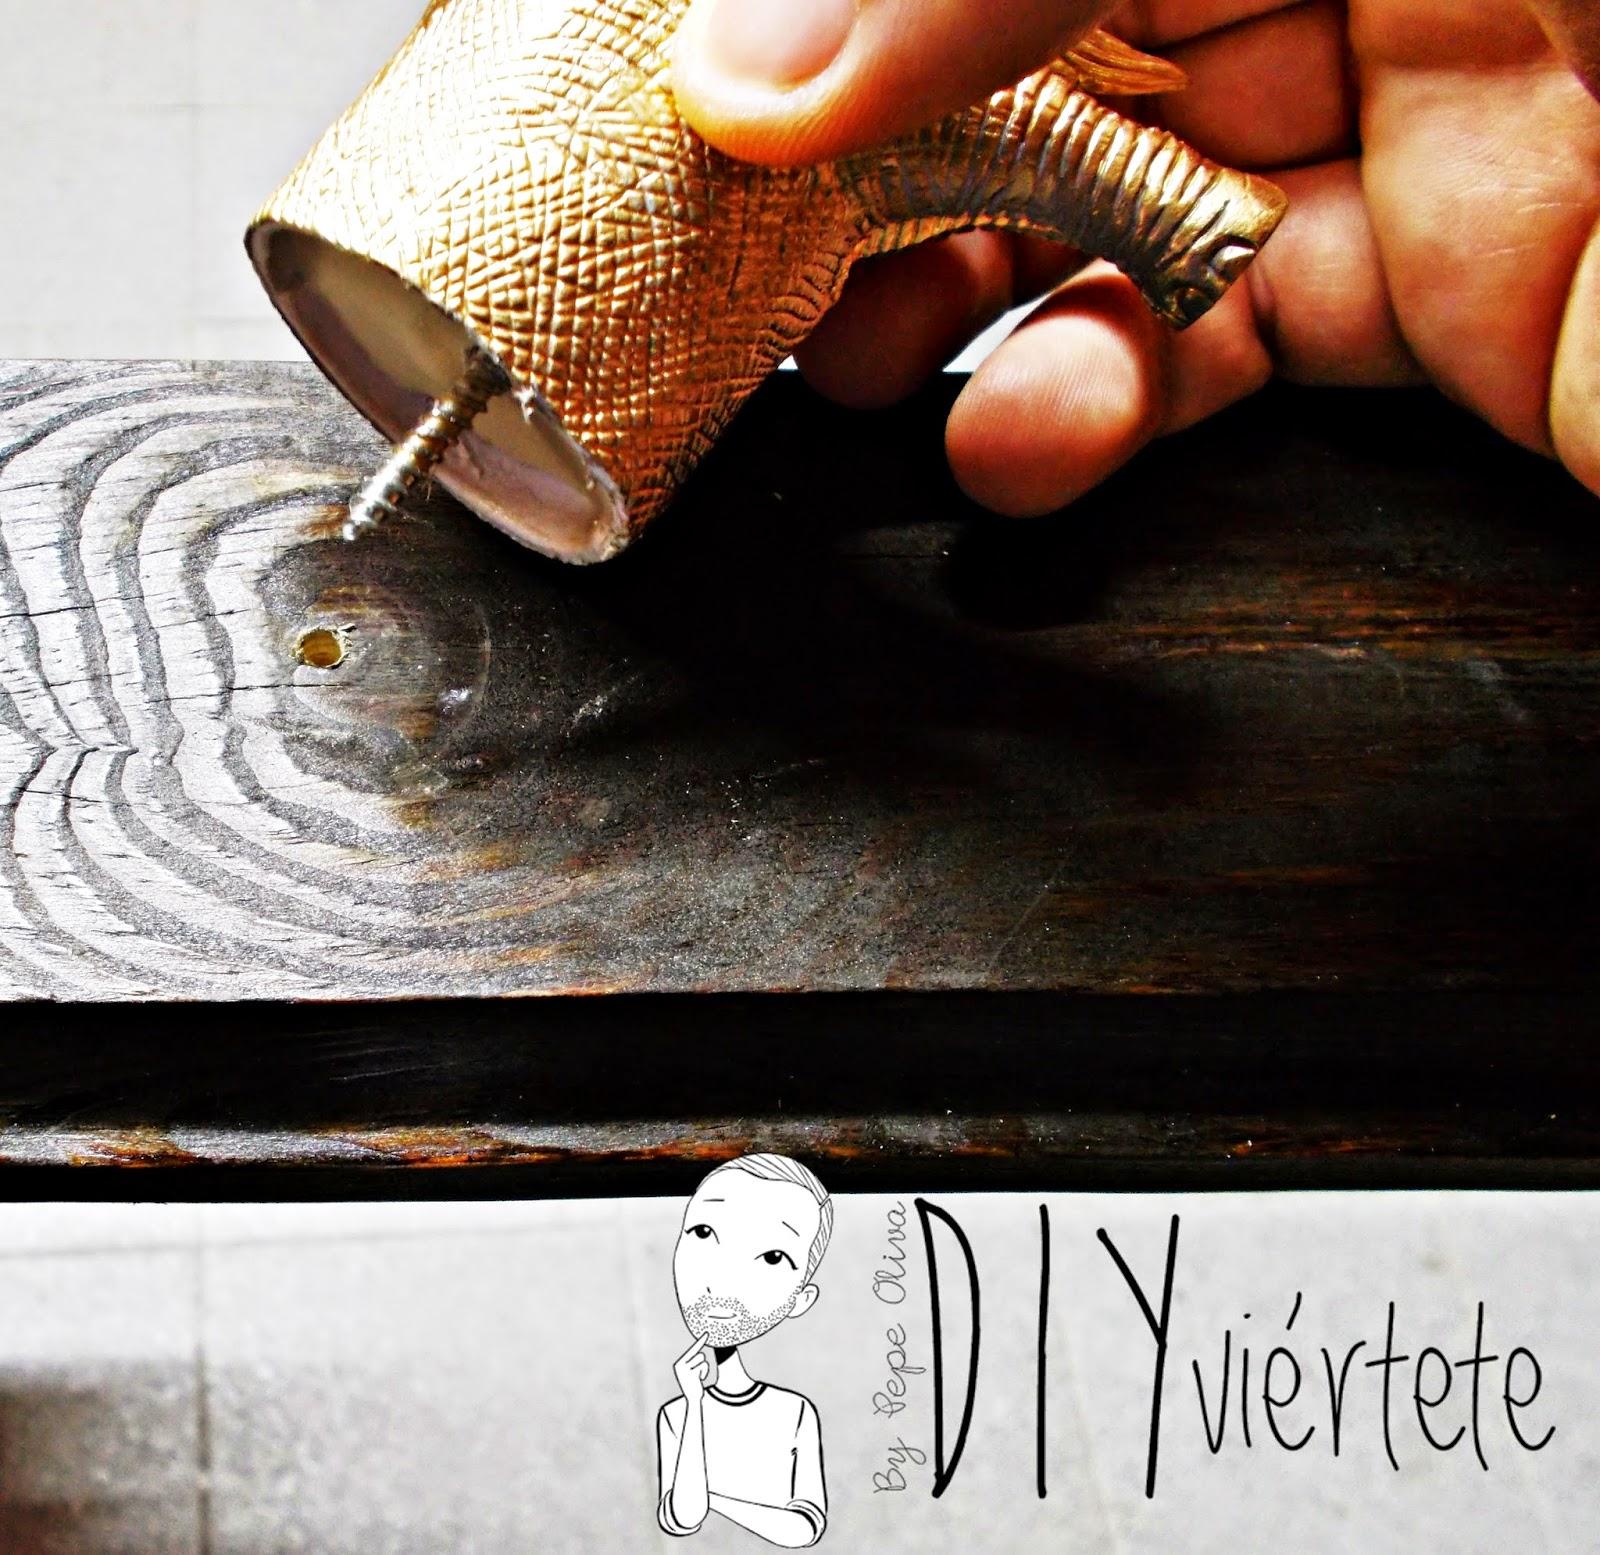 DIY-perchero-reciclaje-animales de plástico-juguetes-spray dorado-8